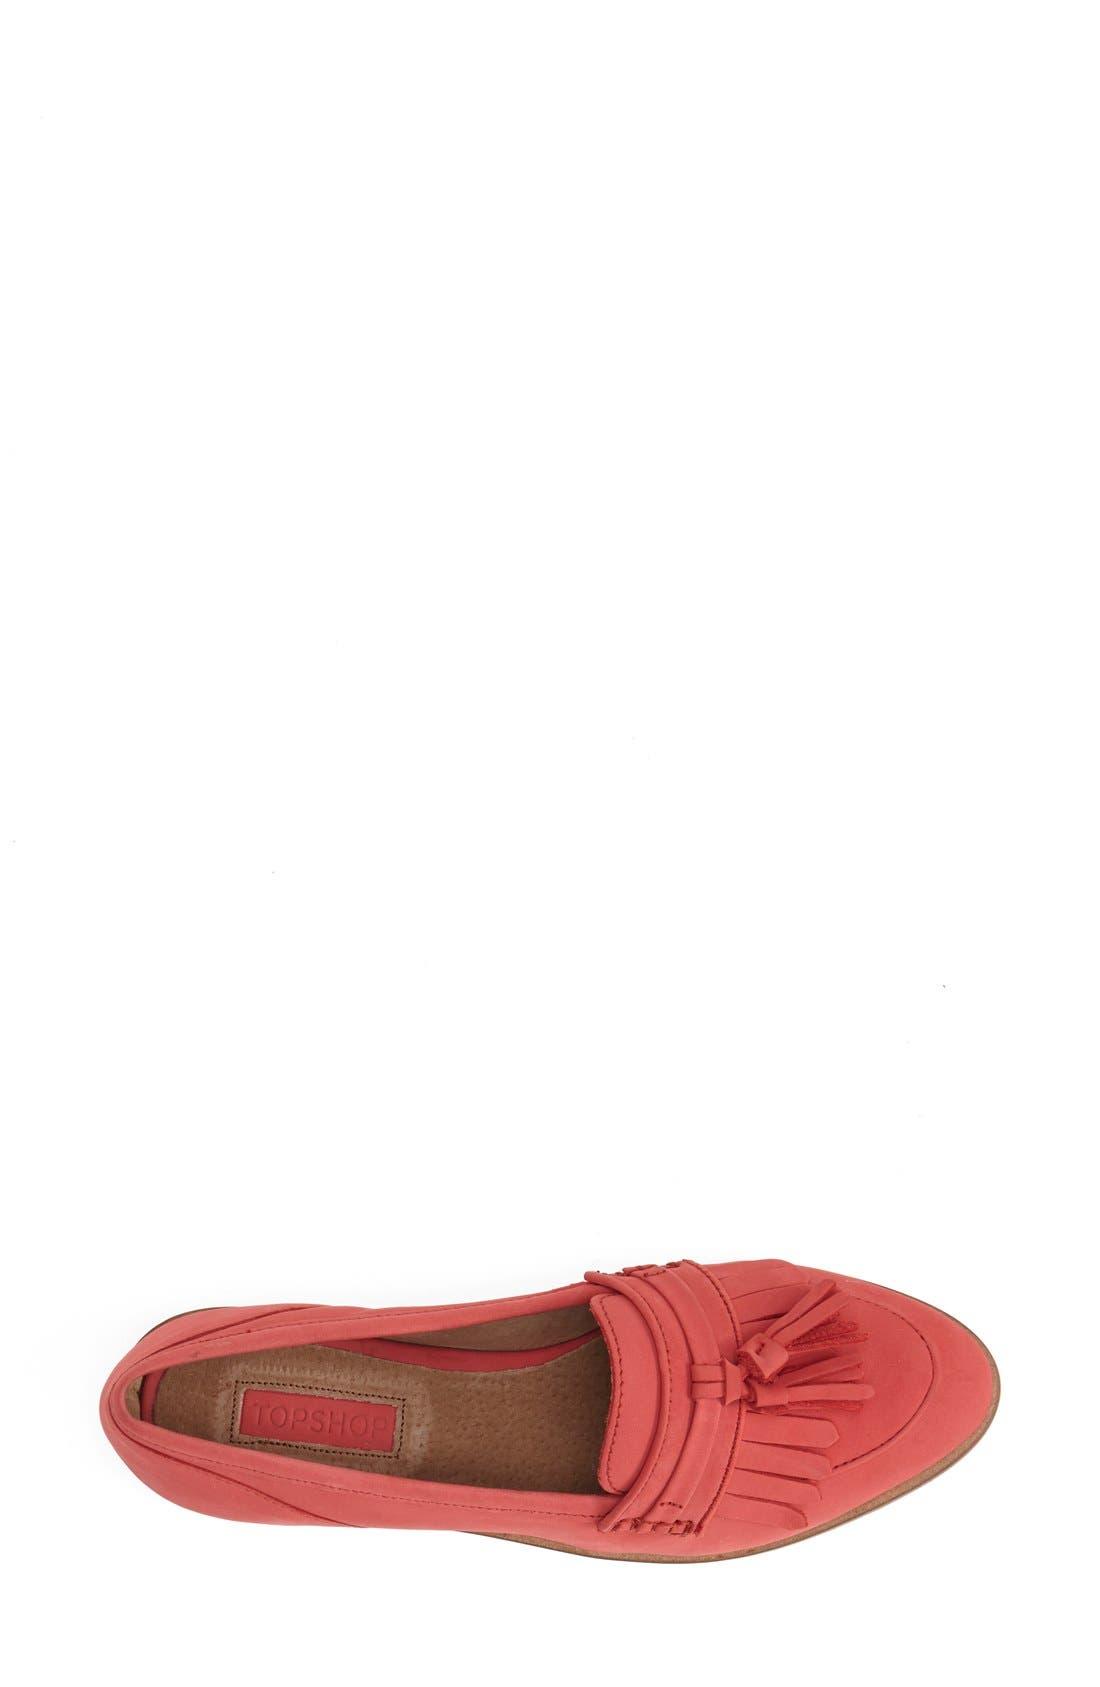 Alternate Image 3  - Topshop 'Kink' Fringed Leather Tassel Loafer (Women)